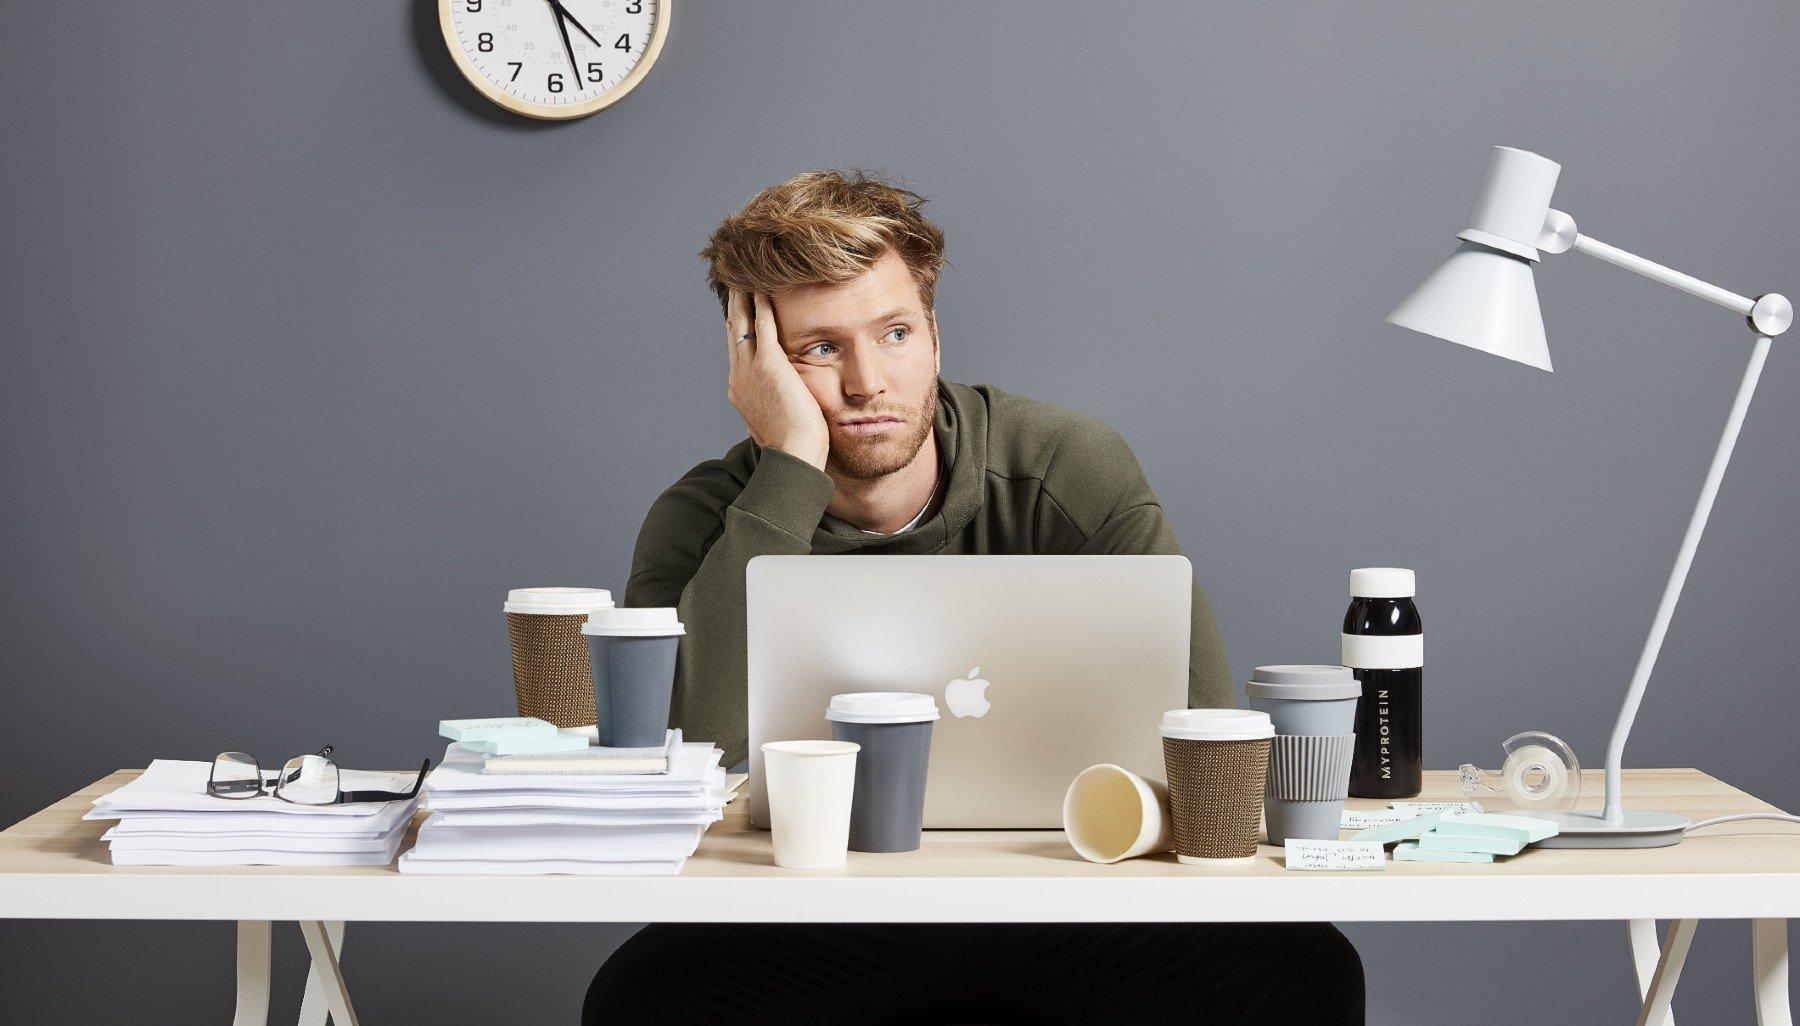 Wie du deine Konzentration verbesserst, während du von zu Hause aus arbeitest